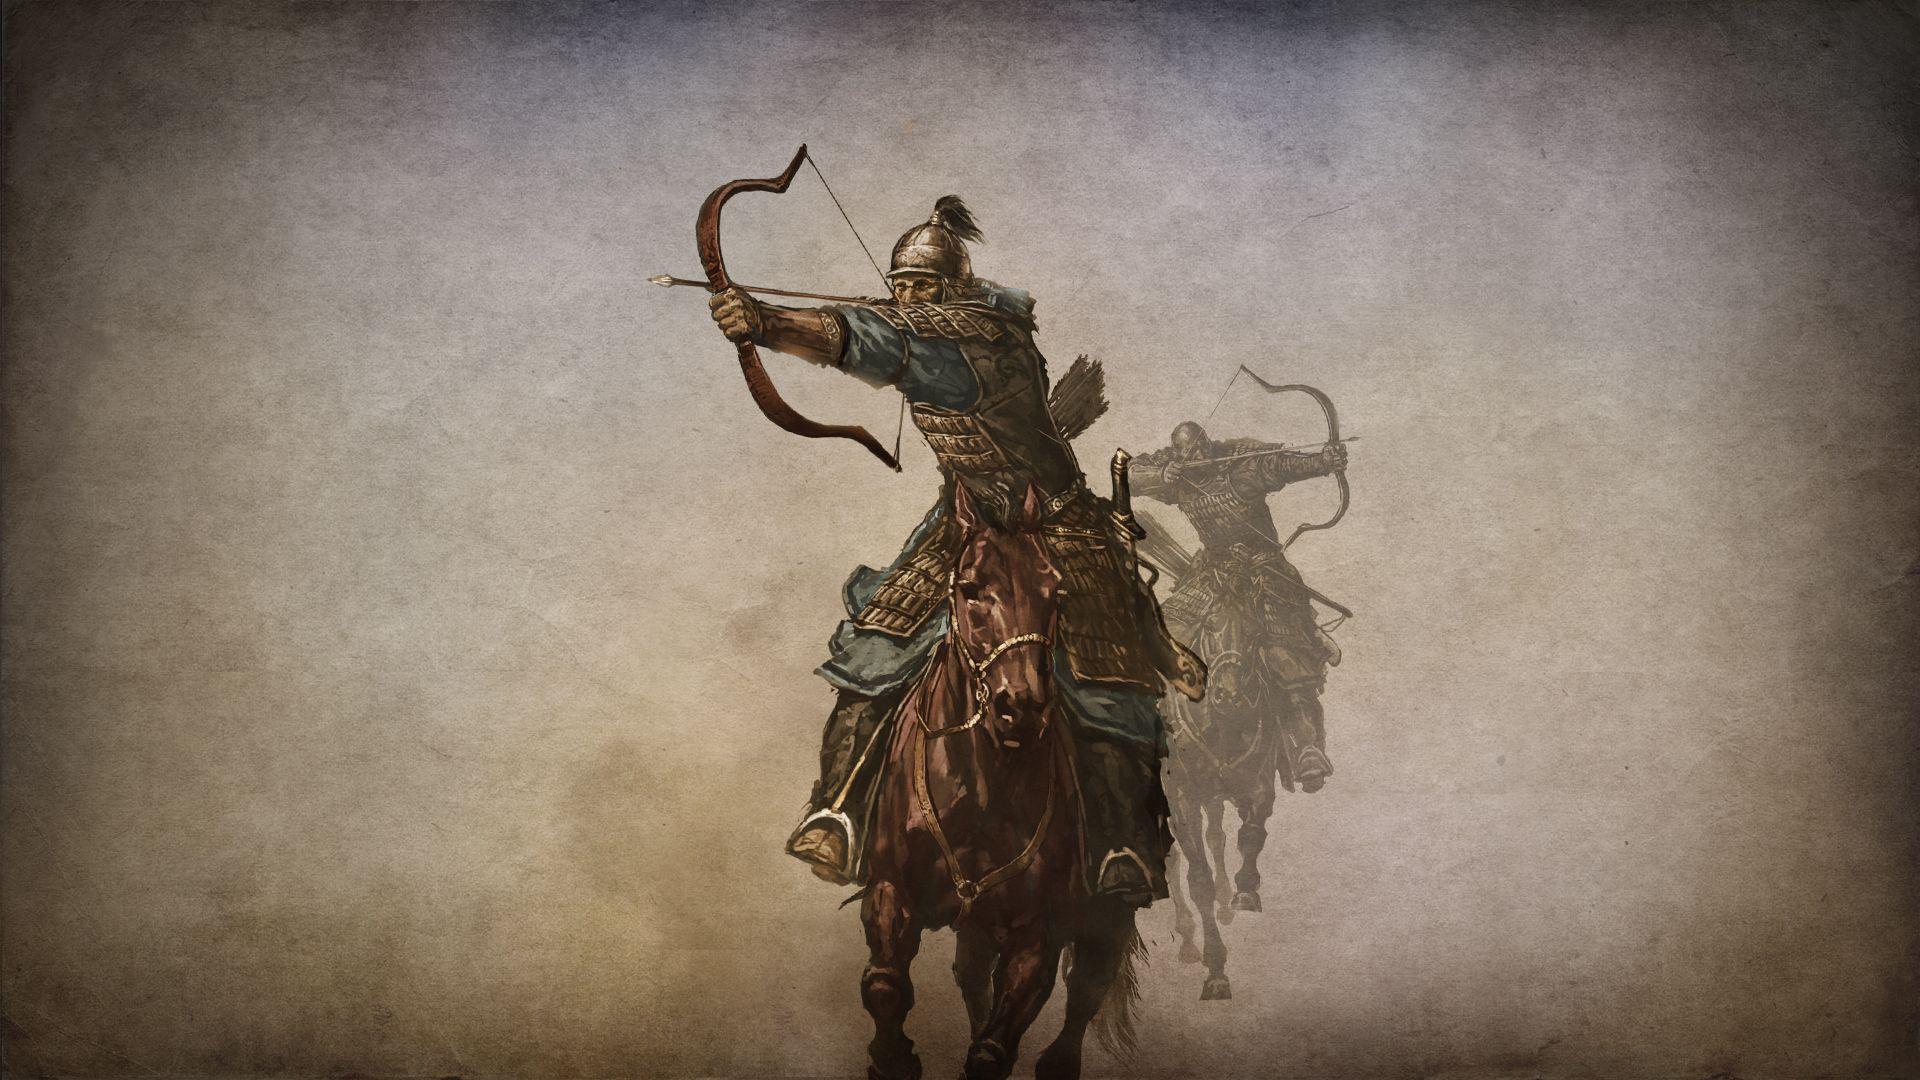 mongolian horse archer lamellar armor - Szukaj w Google